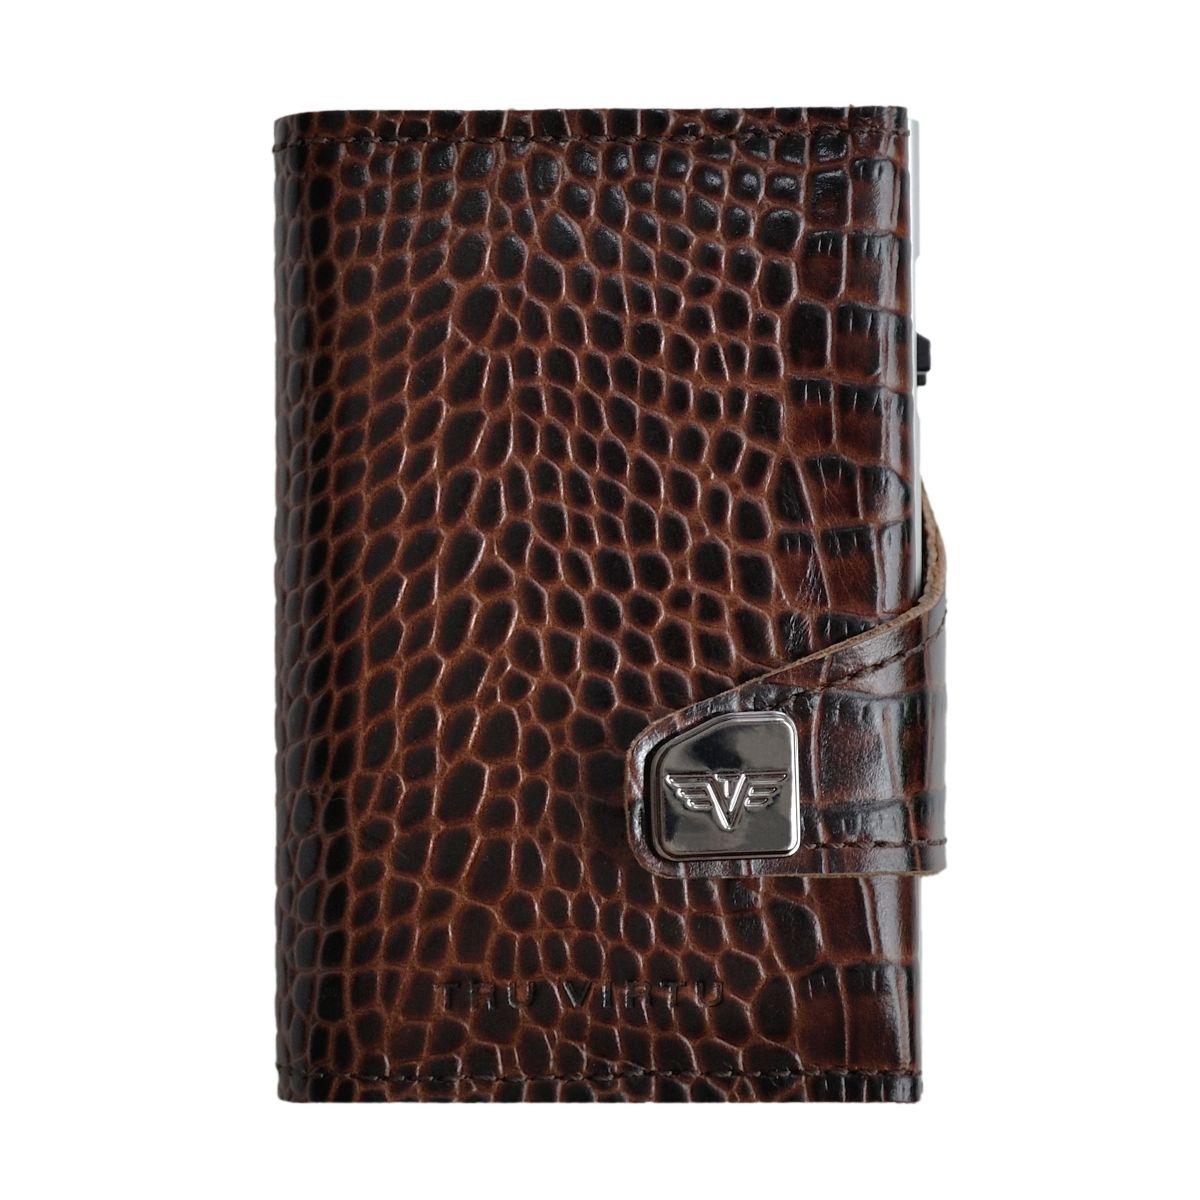 TRU VIRTU Click n Slide Double Wallet - Croco Brown